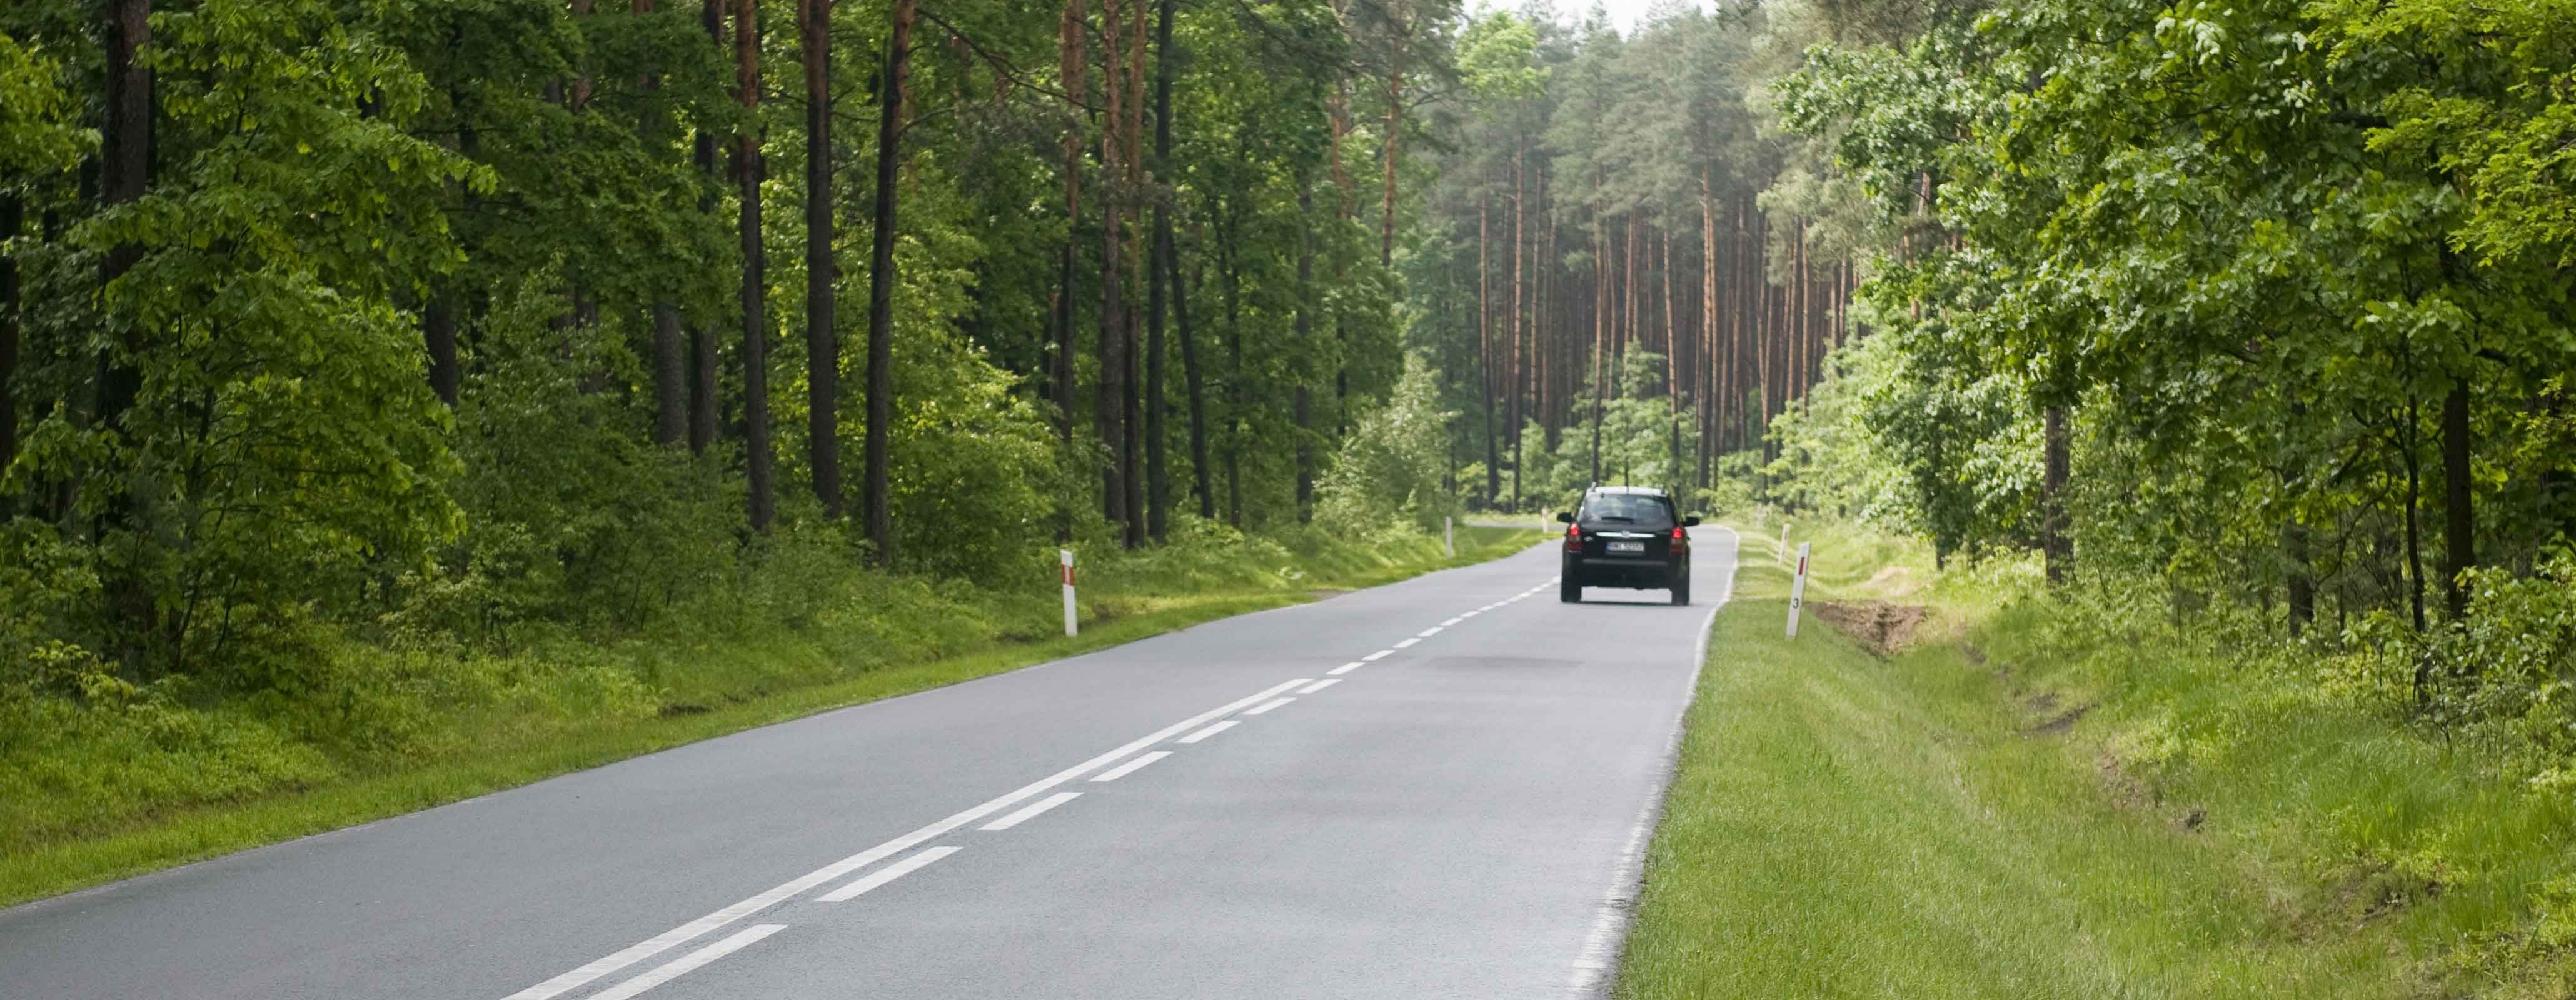 Groene kaart voor uw auto